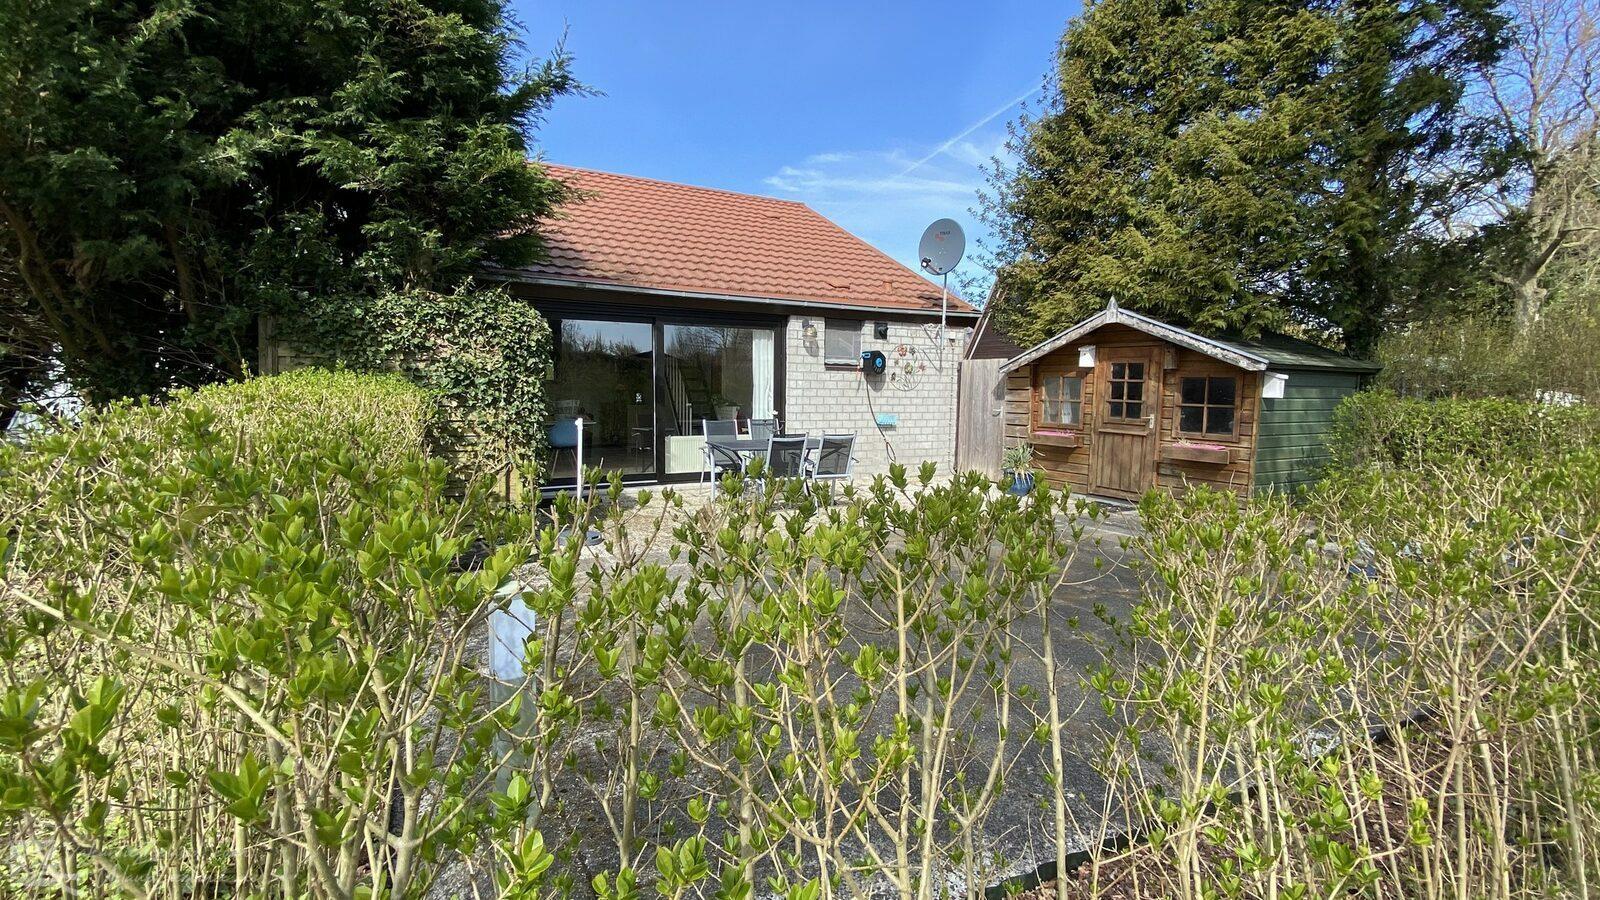 VZ992 Vakantiehuis in Ellemeet